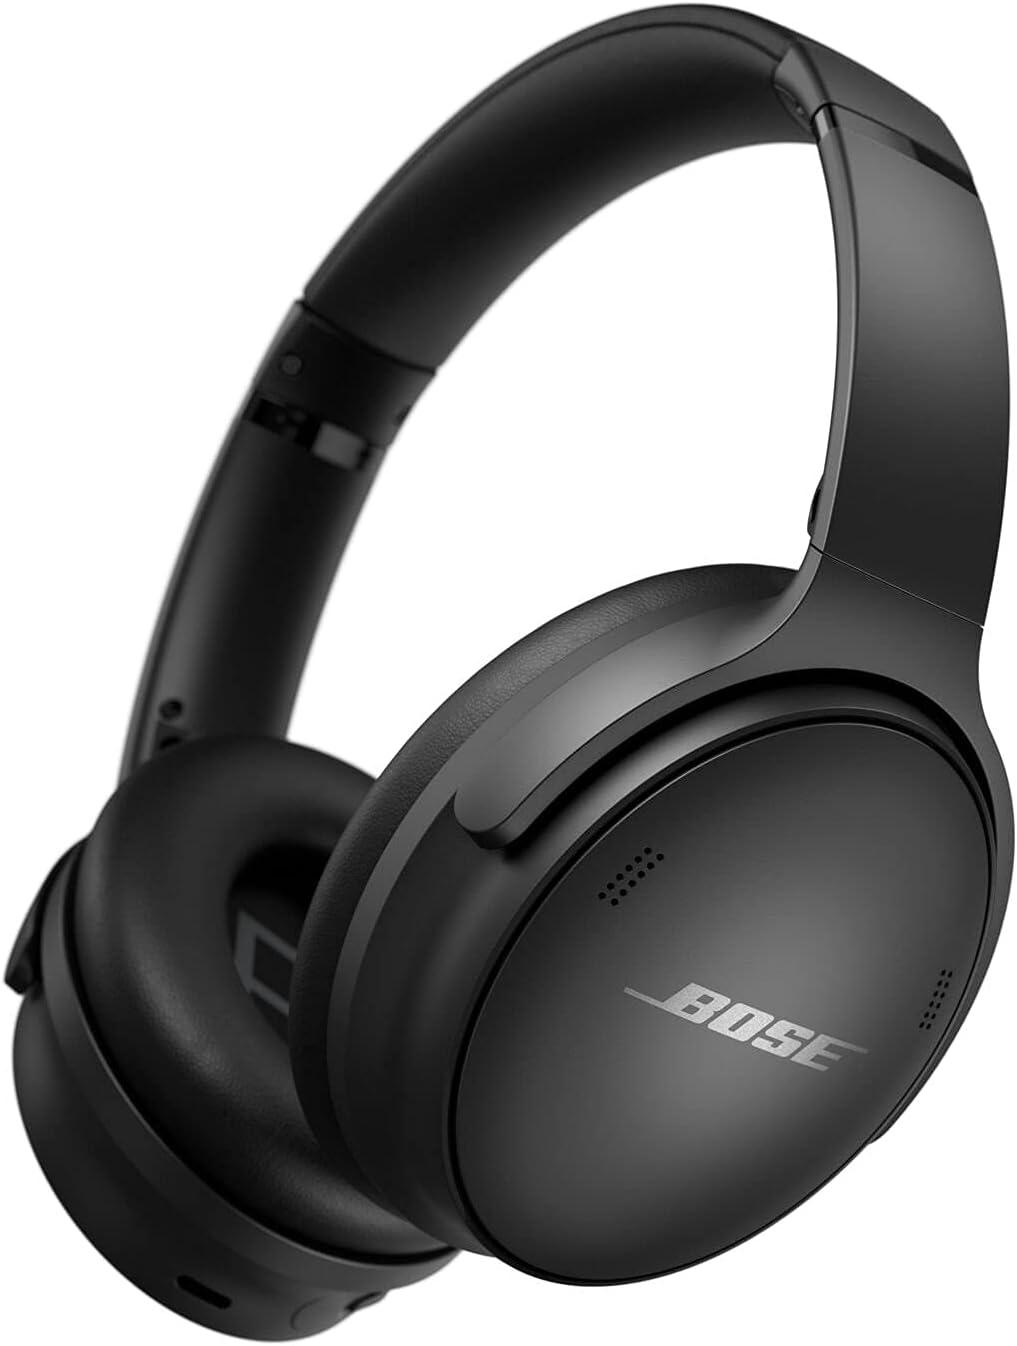 Bose QuietComfort 45 Bluetooth wireless Headphones con riduzione del rumore con microfono per chiamate, nero, Taglia unica